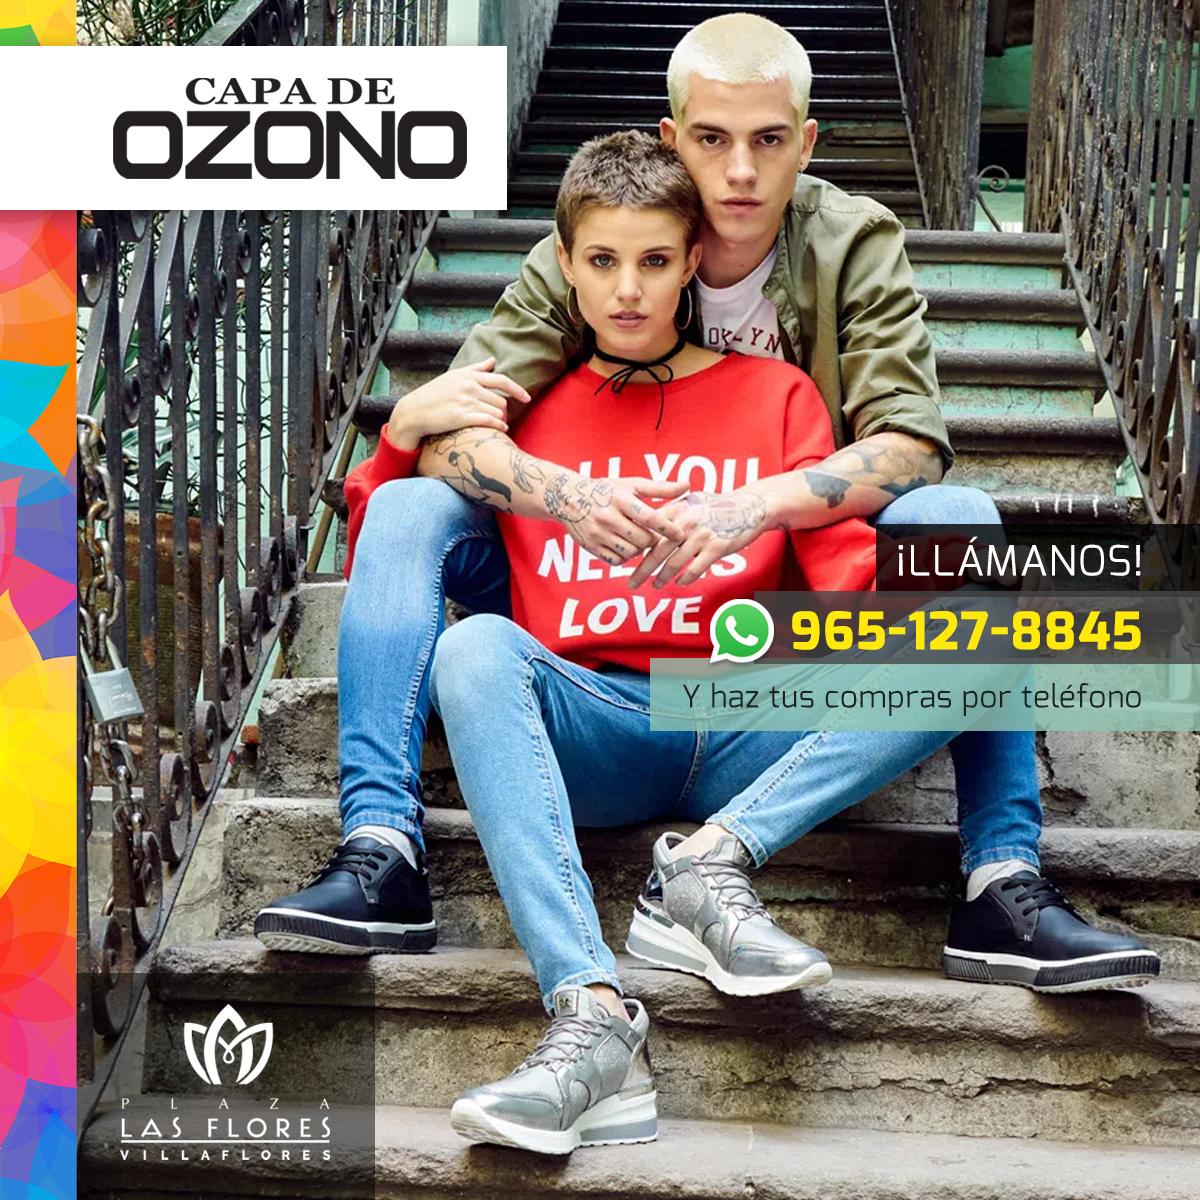 LasFlores-Telefonos-Ozono copy